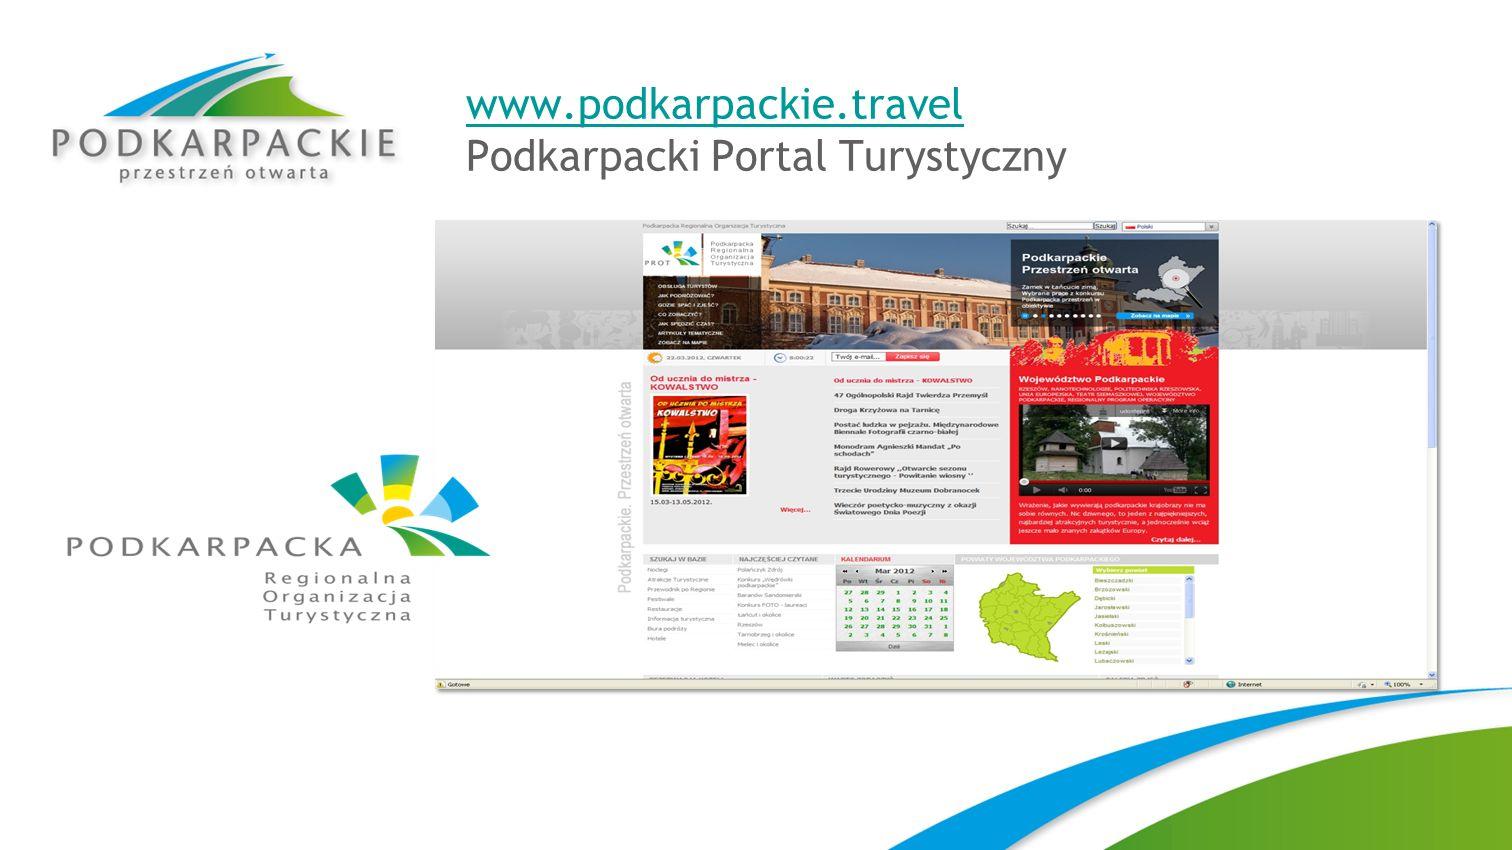 www.podkarpackie.travel Podkarpacki Portal Turystyczny